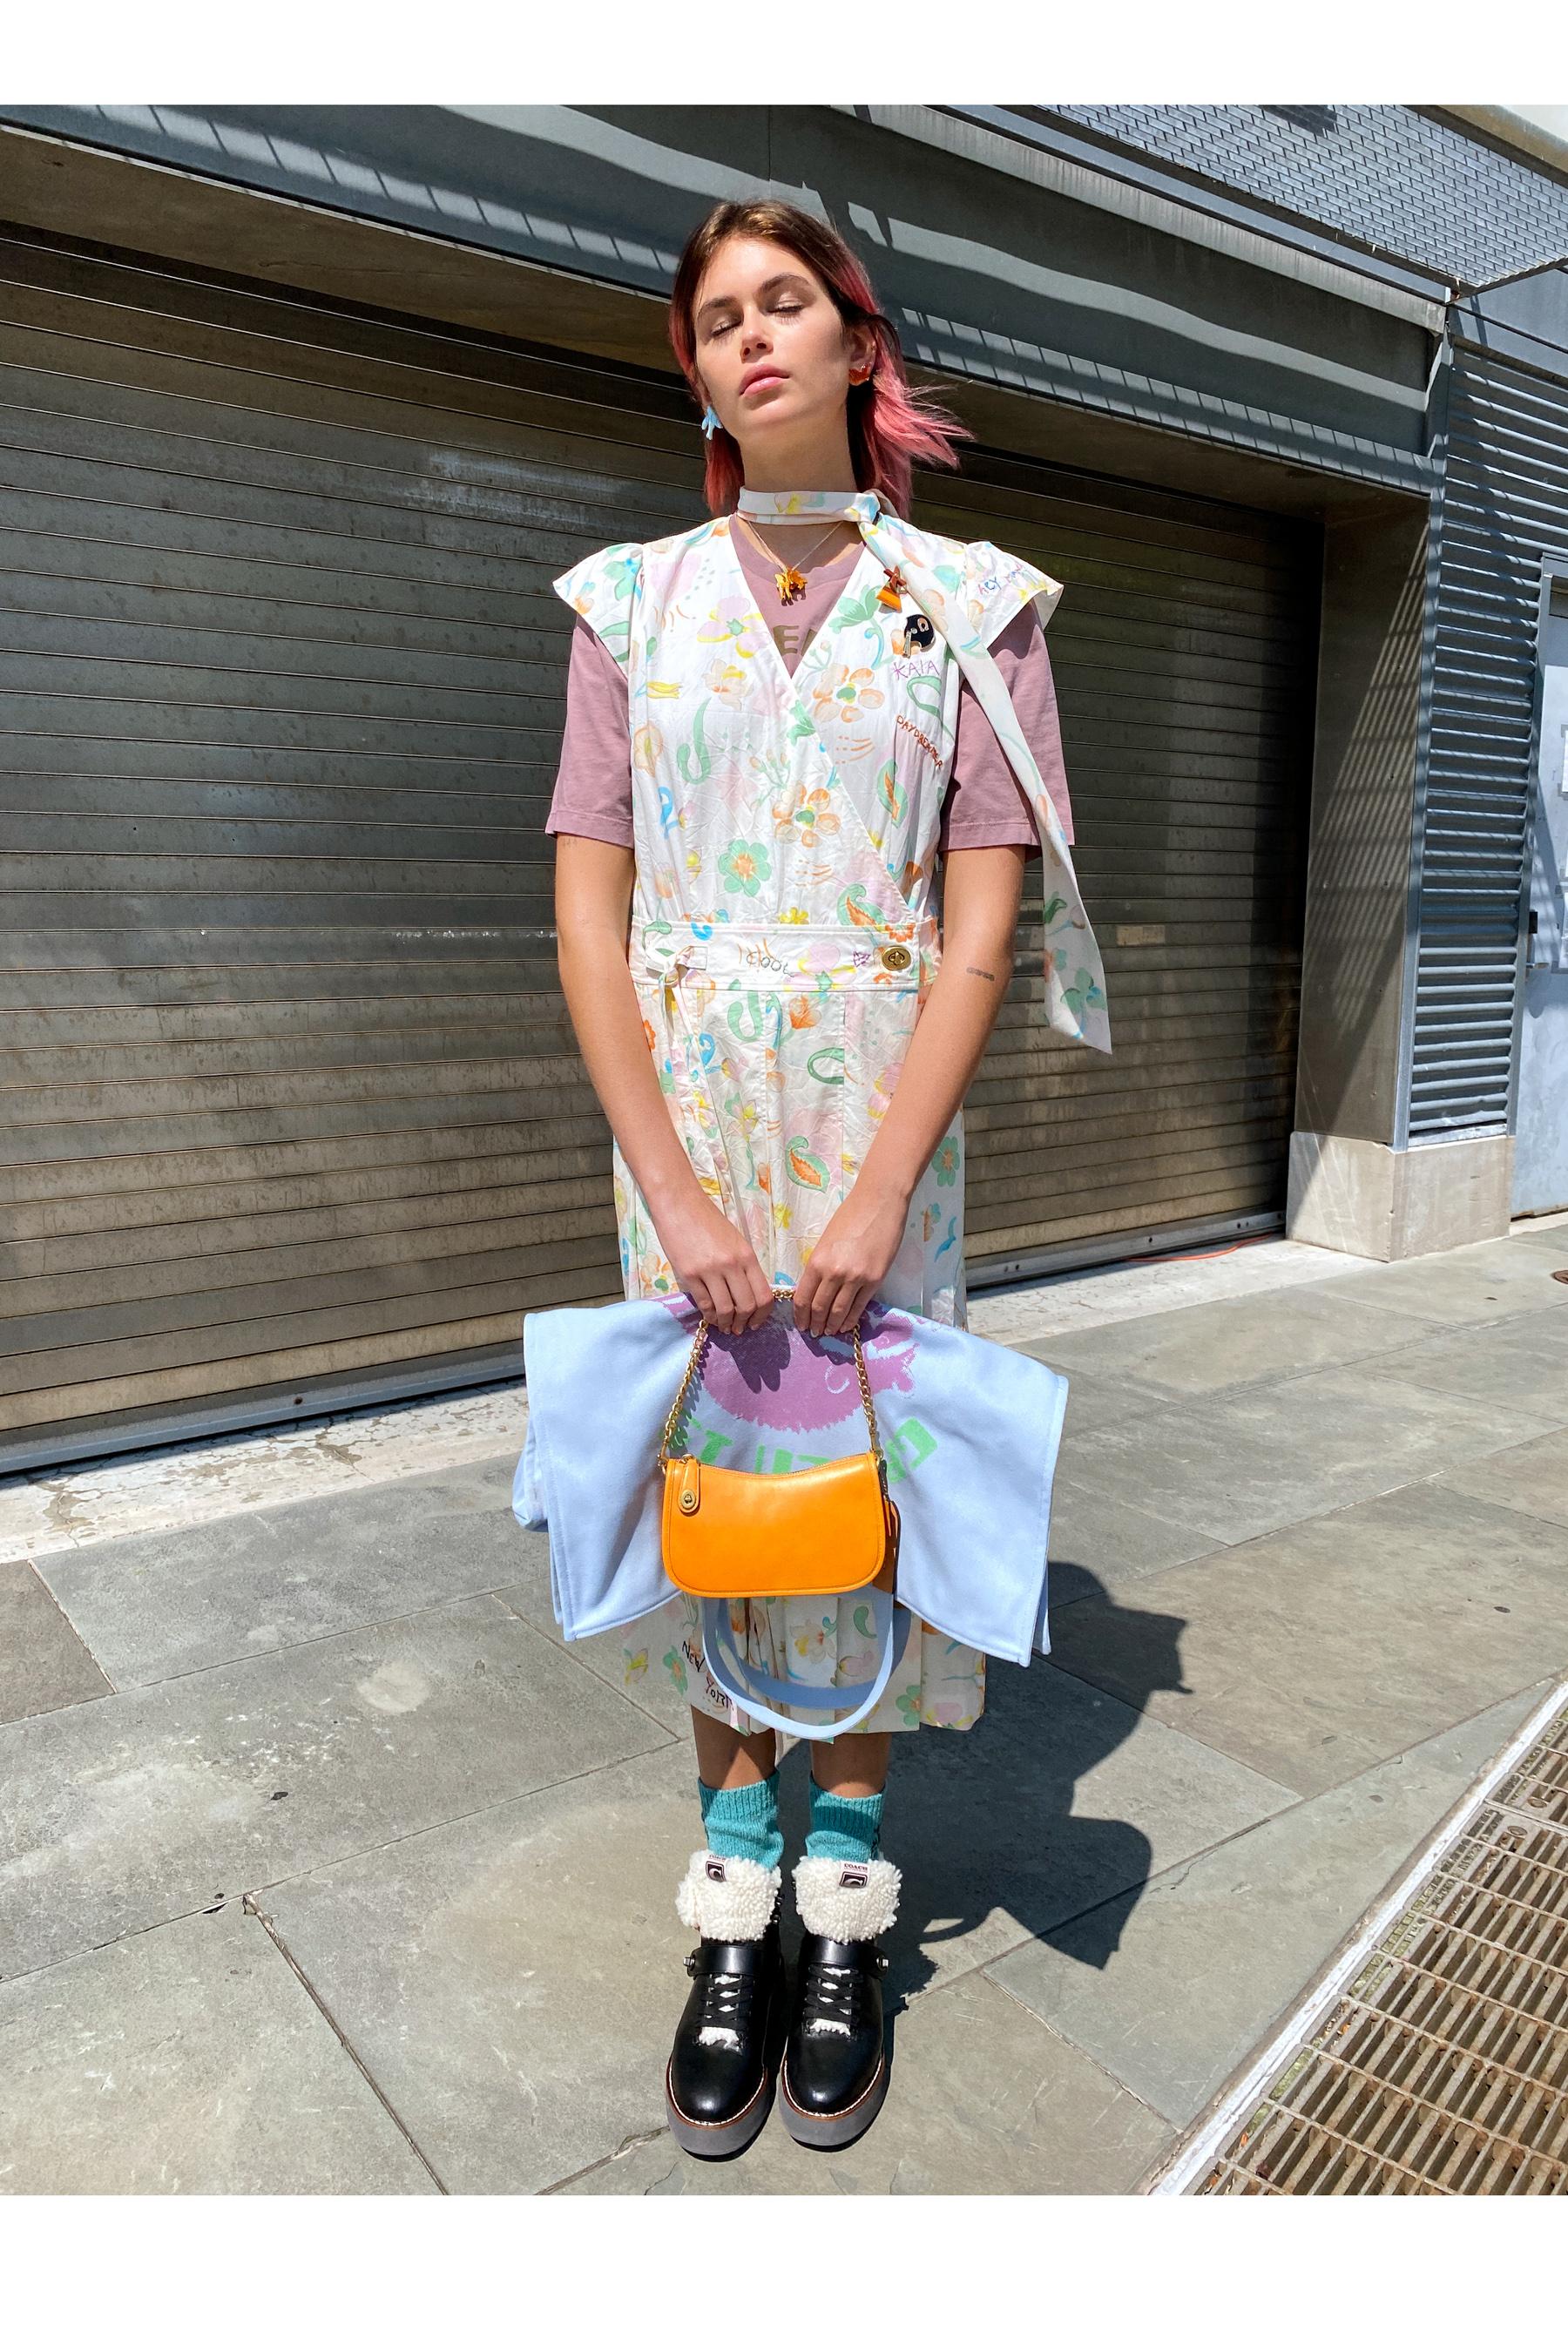 Coach Spring 2021 Fashion Show Photos